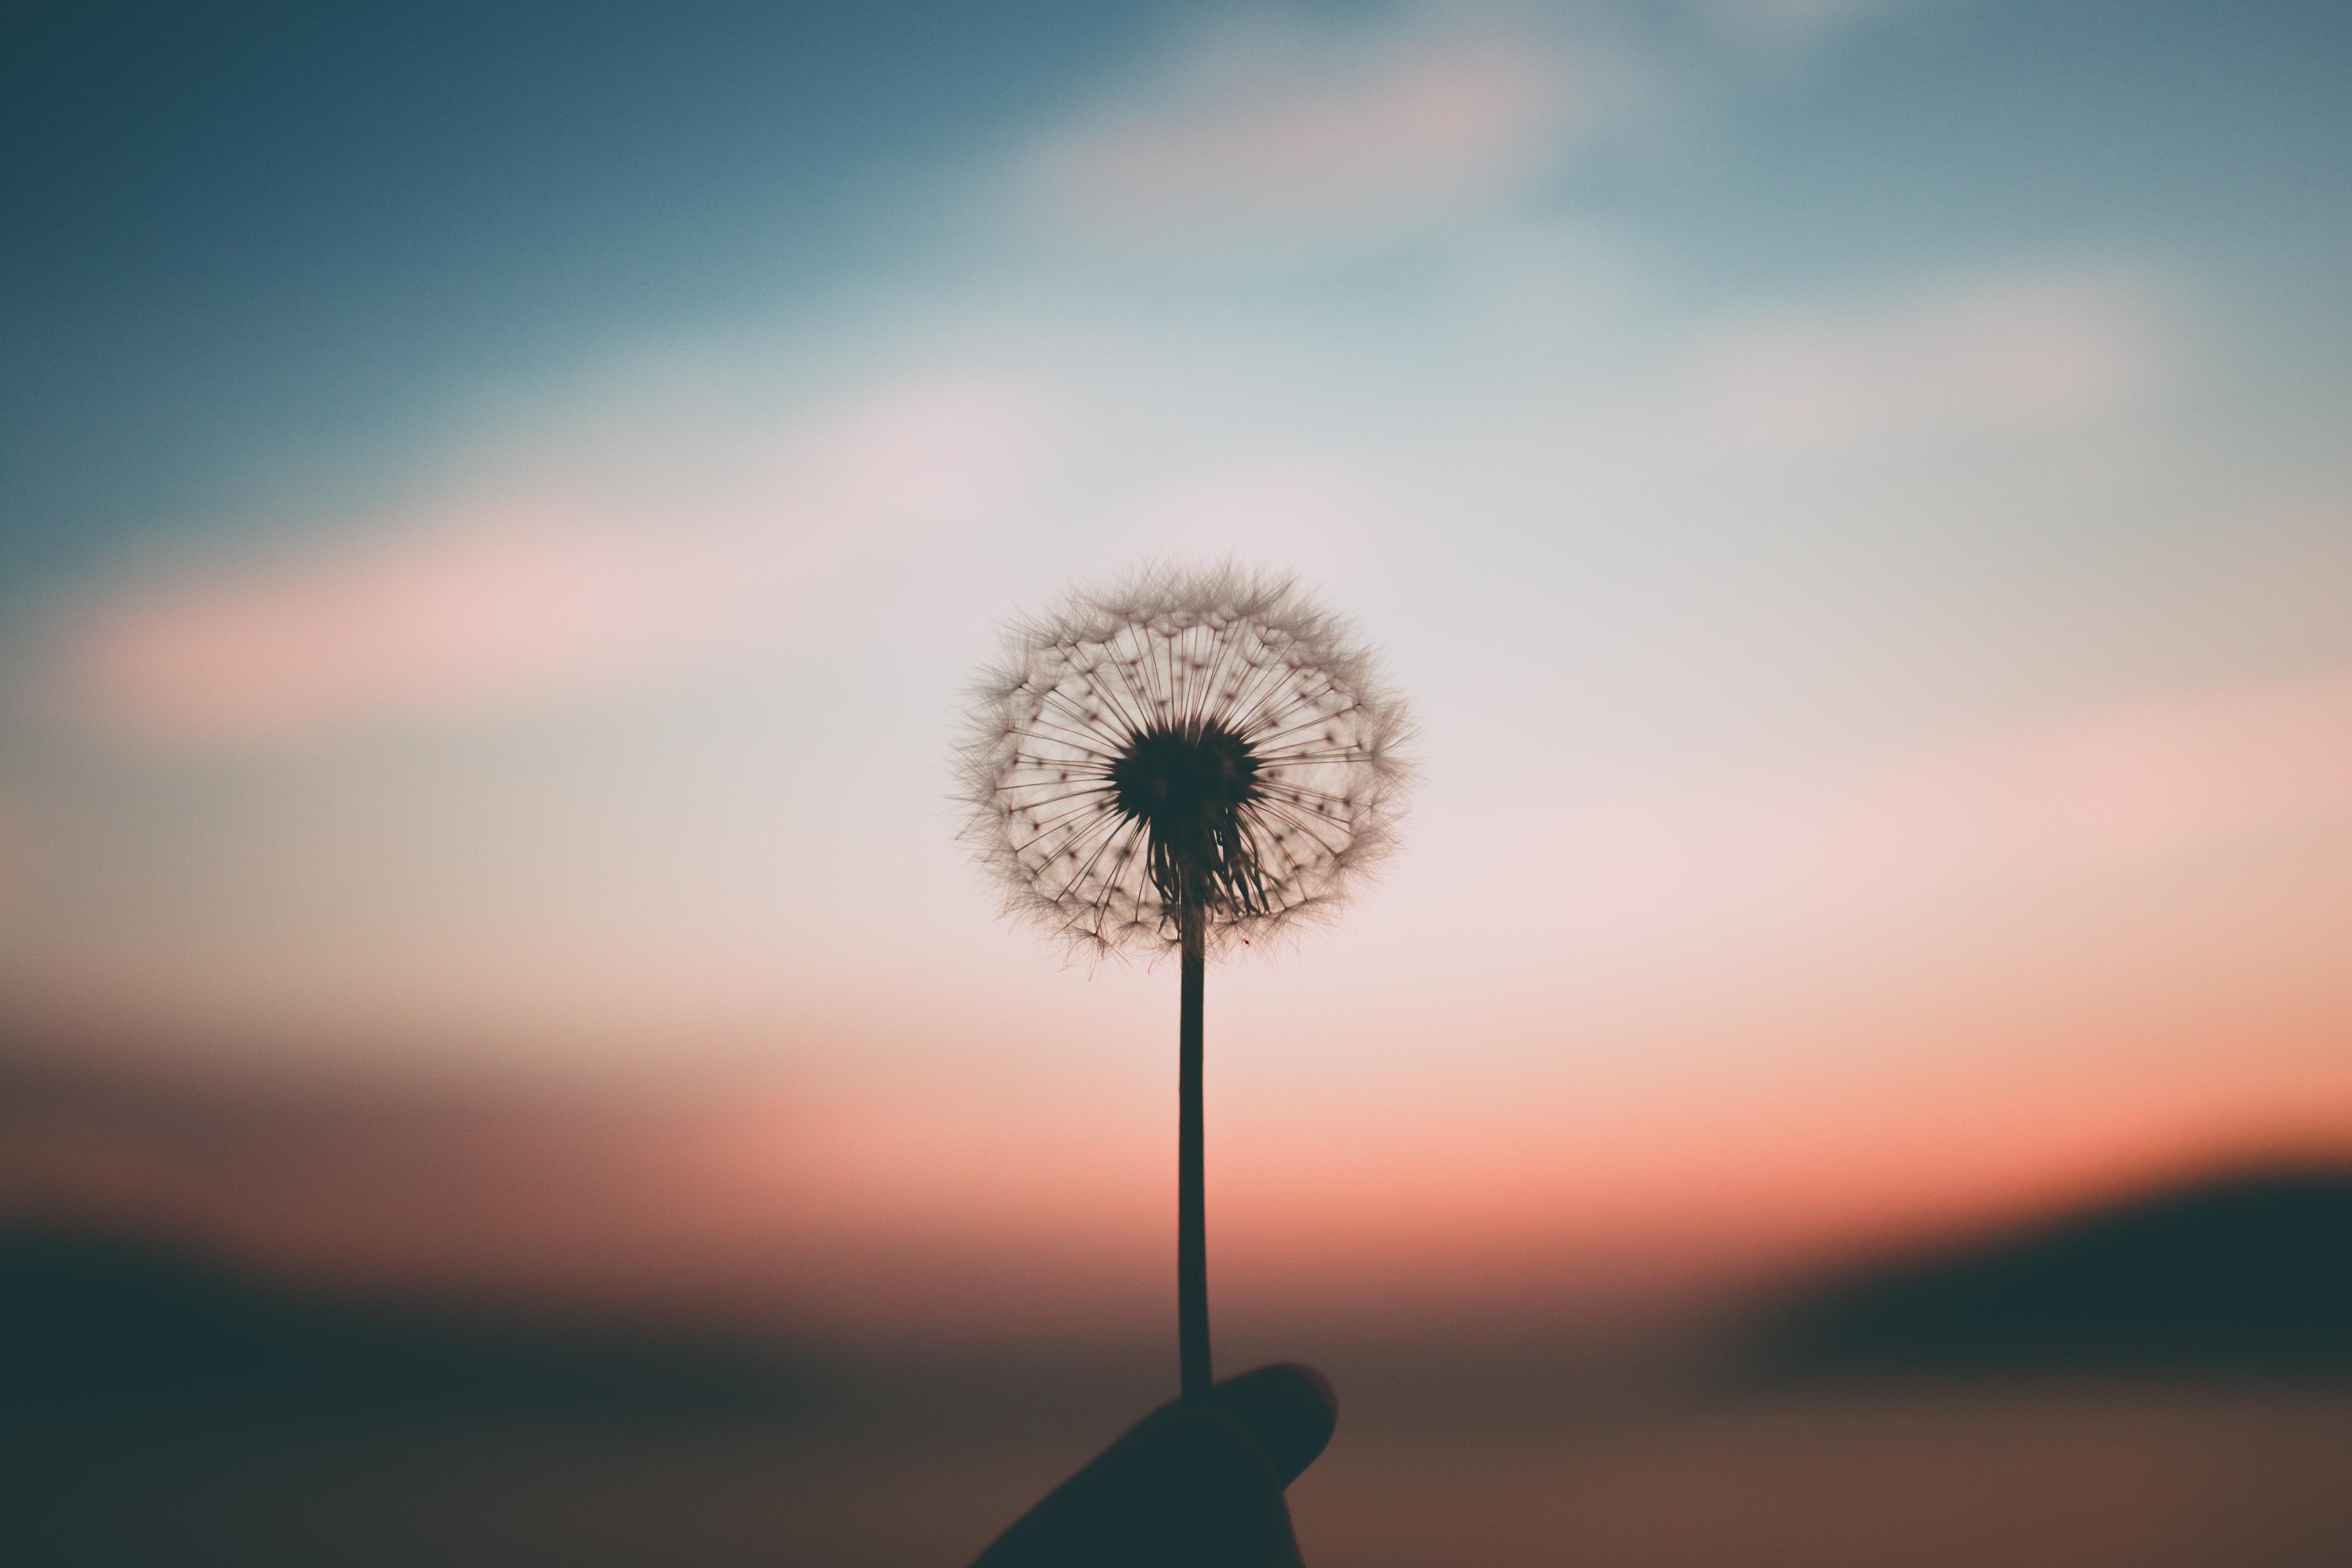 Φροντίζοντας τον εαυτό: από την αυτοφροντίδα στις σχέσεις φροντίδας